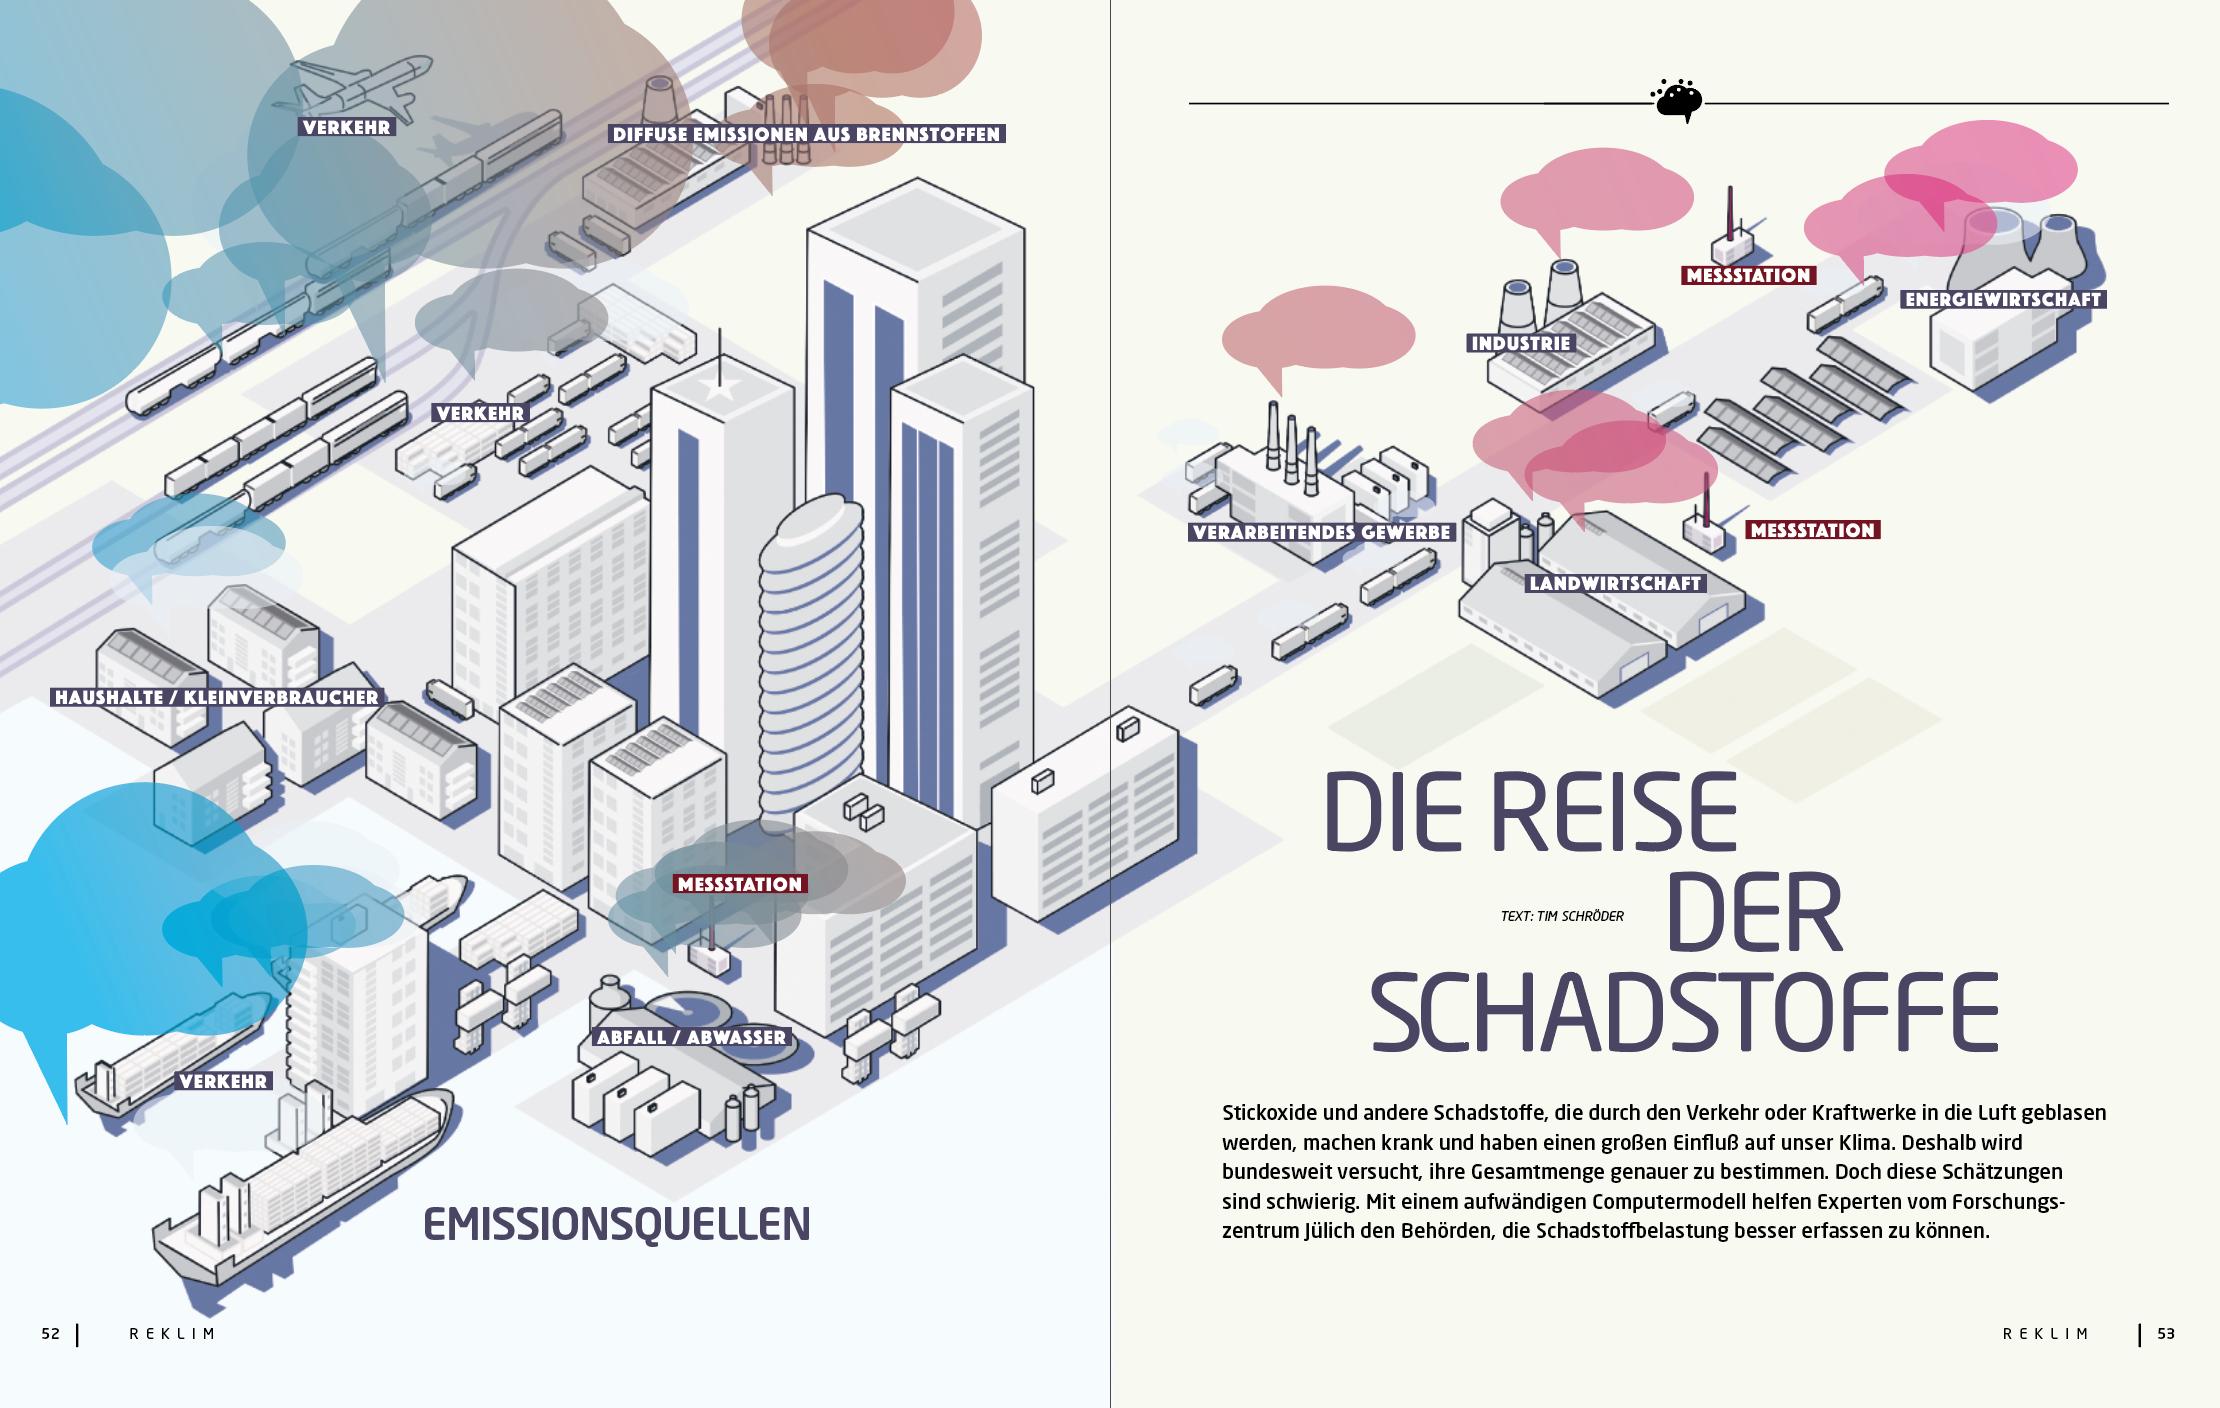 Aus REKLIM: Die Reise der Schadstoffe